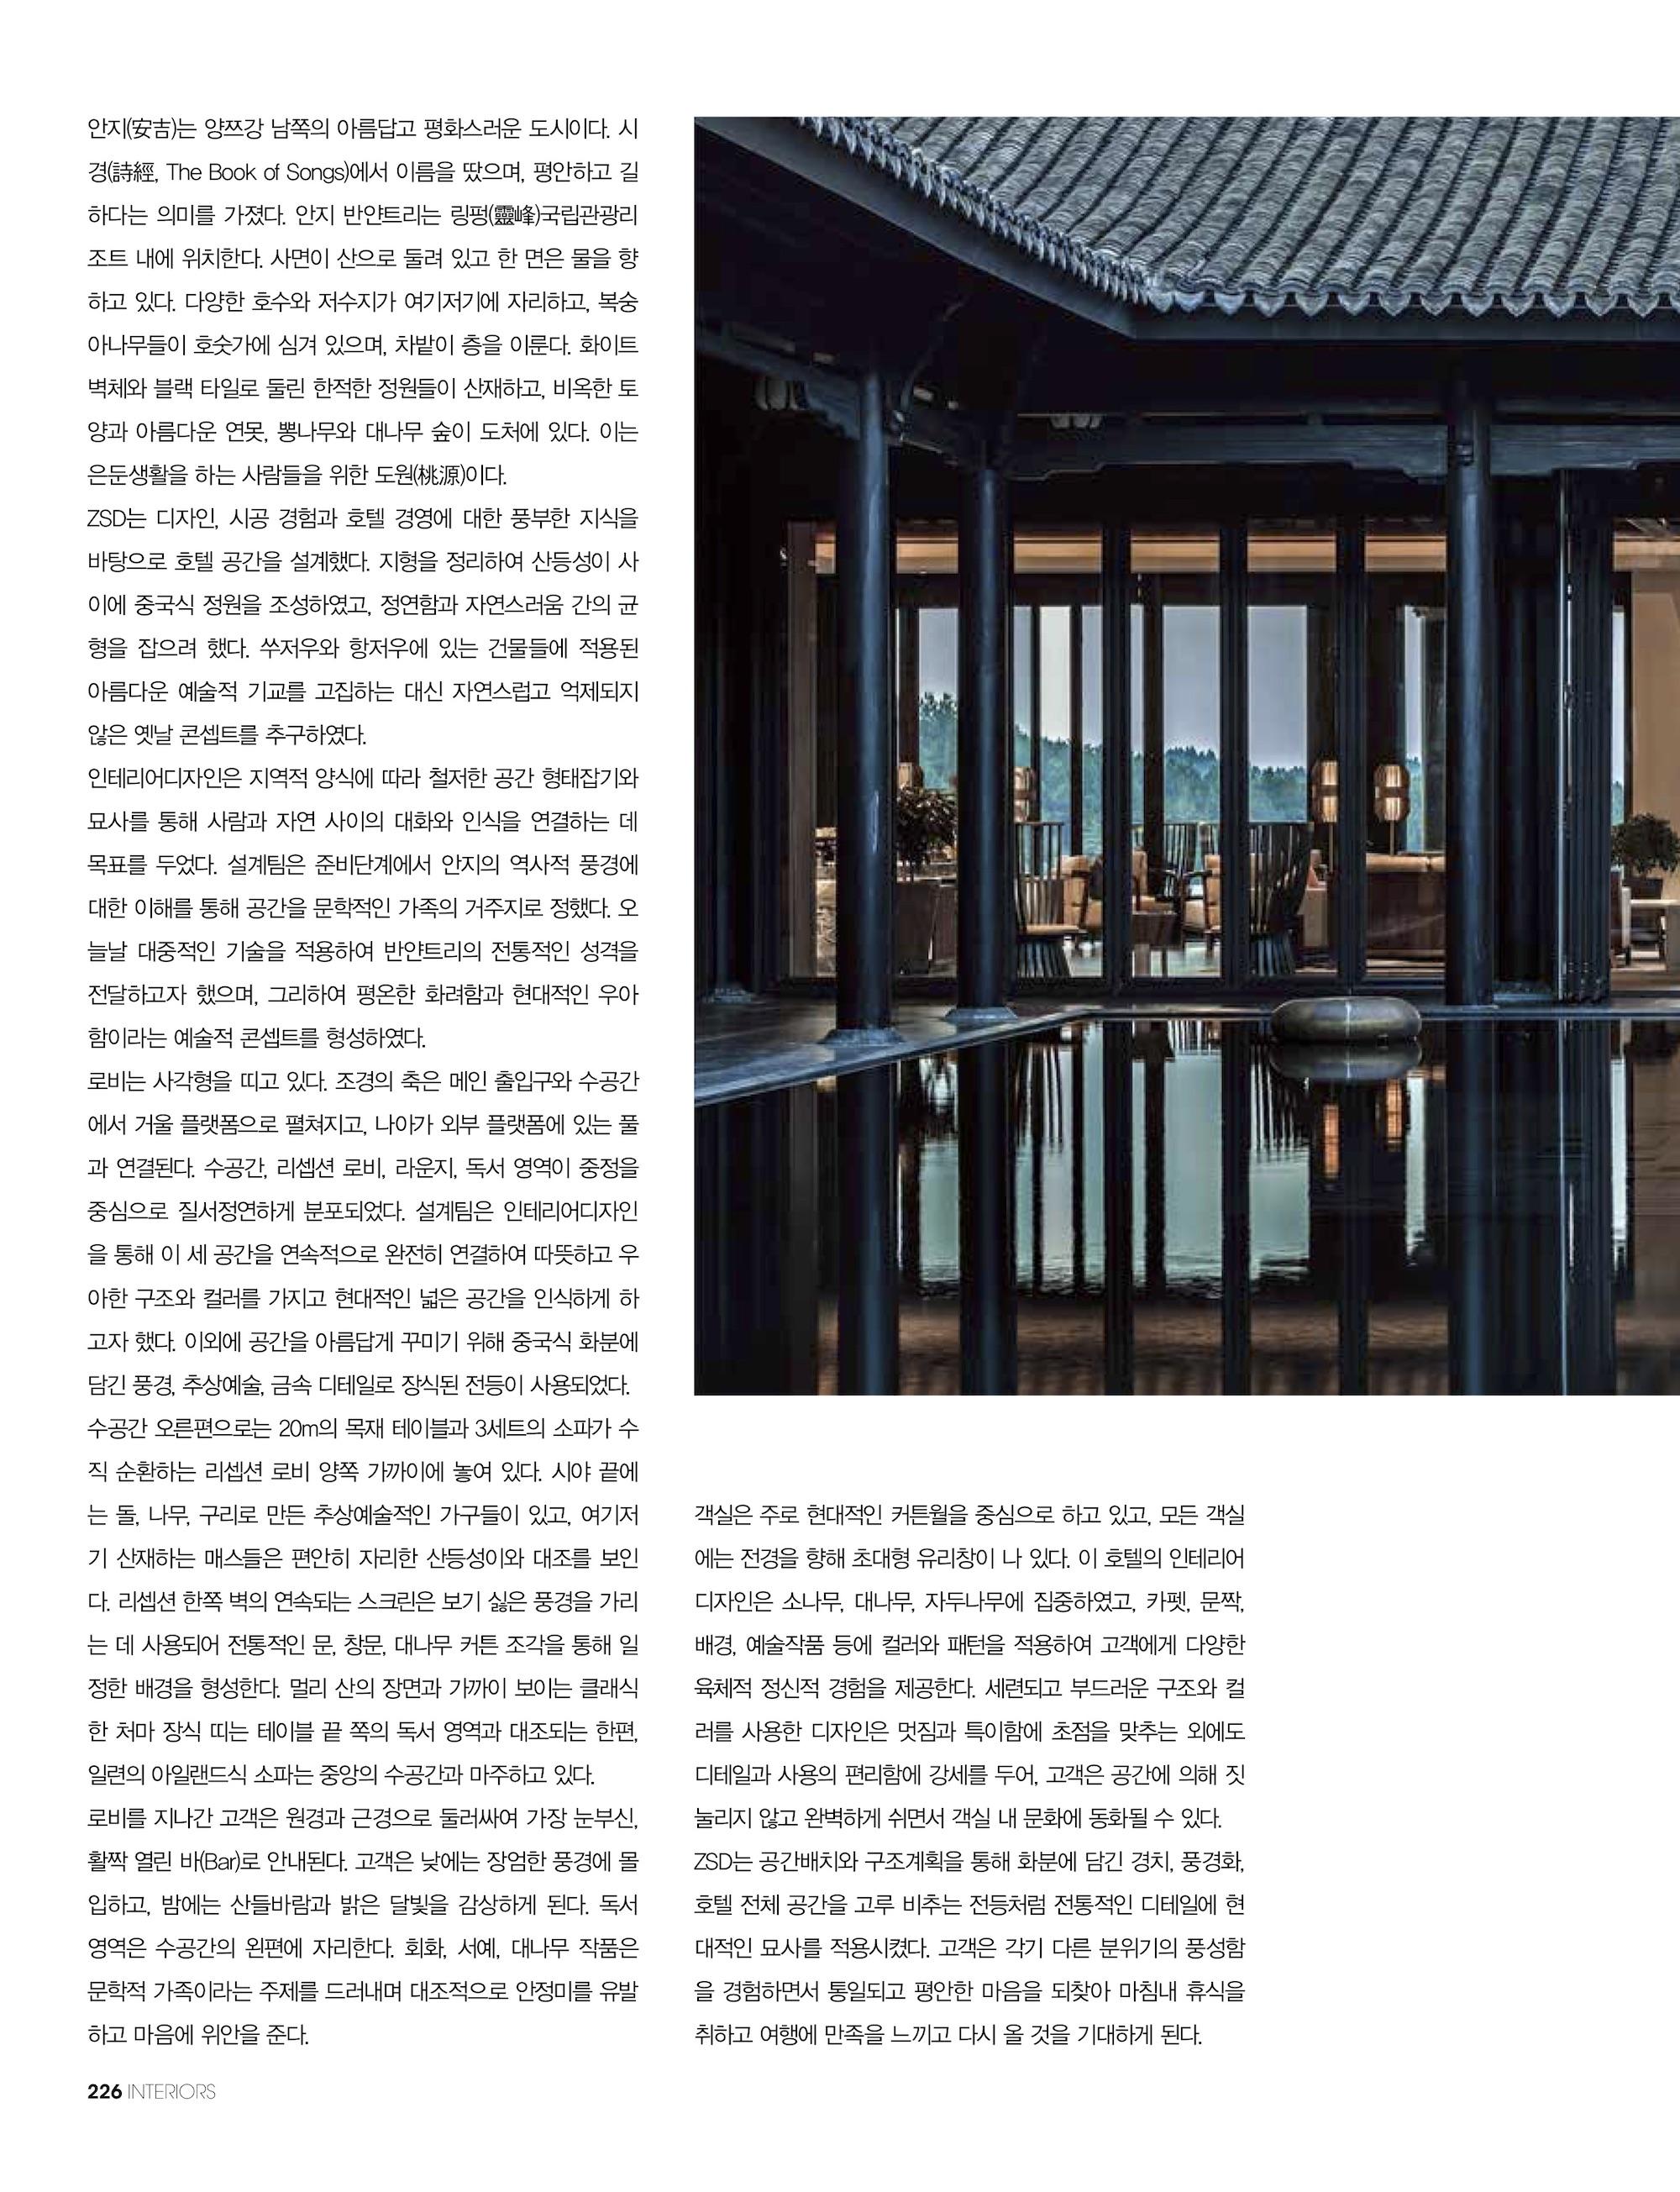 201812 韩国Interiors 安吉悦榕庄度假酒店 3.jpg